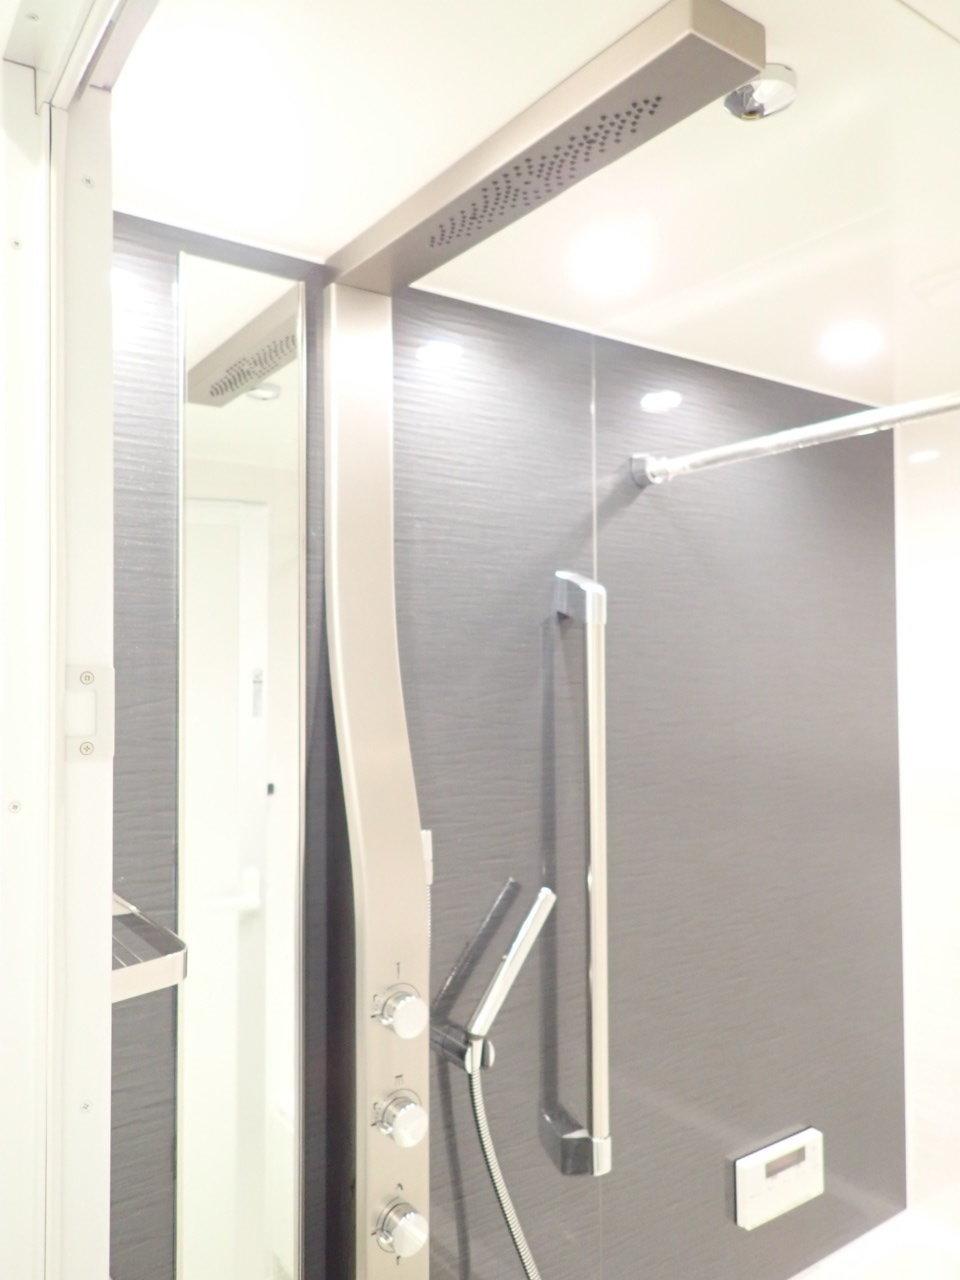 設備も最新のものが多く、中でもこのシャワー!なんと天井からシャワーのお湯が出る仕組みになっているんです。なんだかワクワクしちゃいますね。